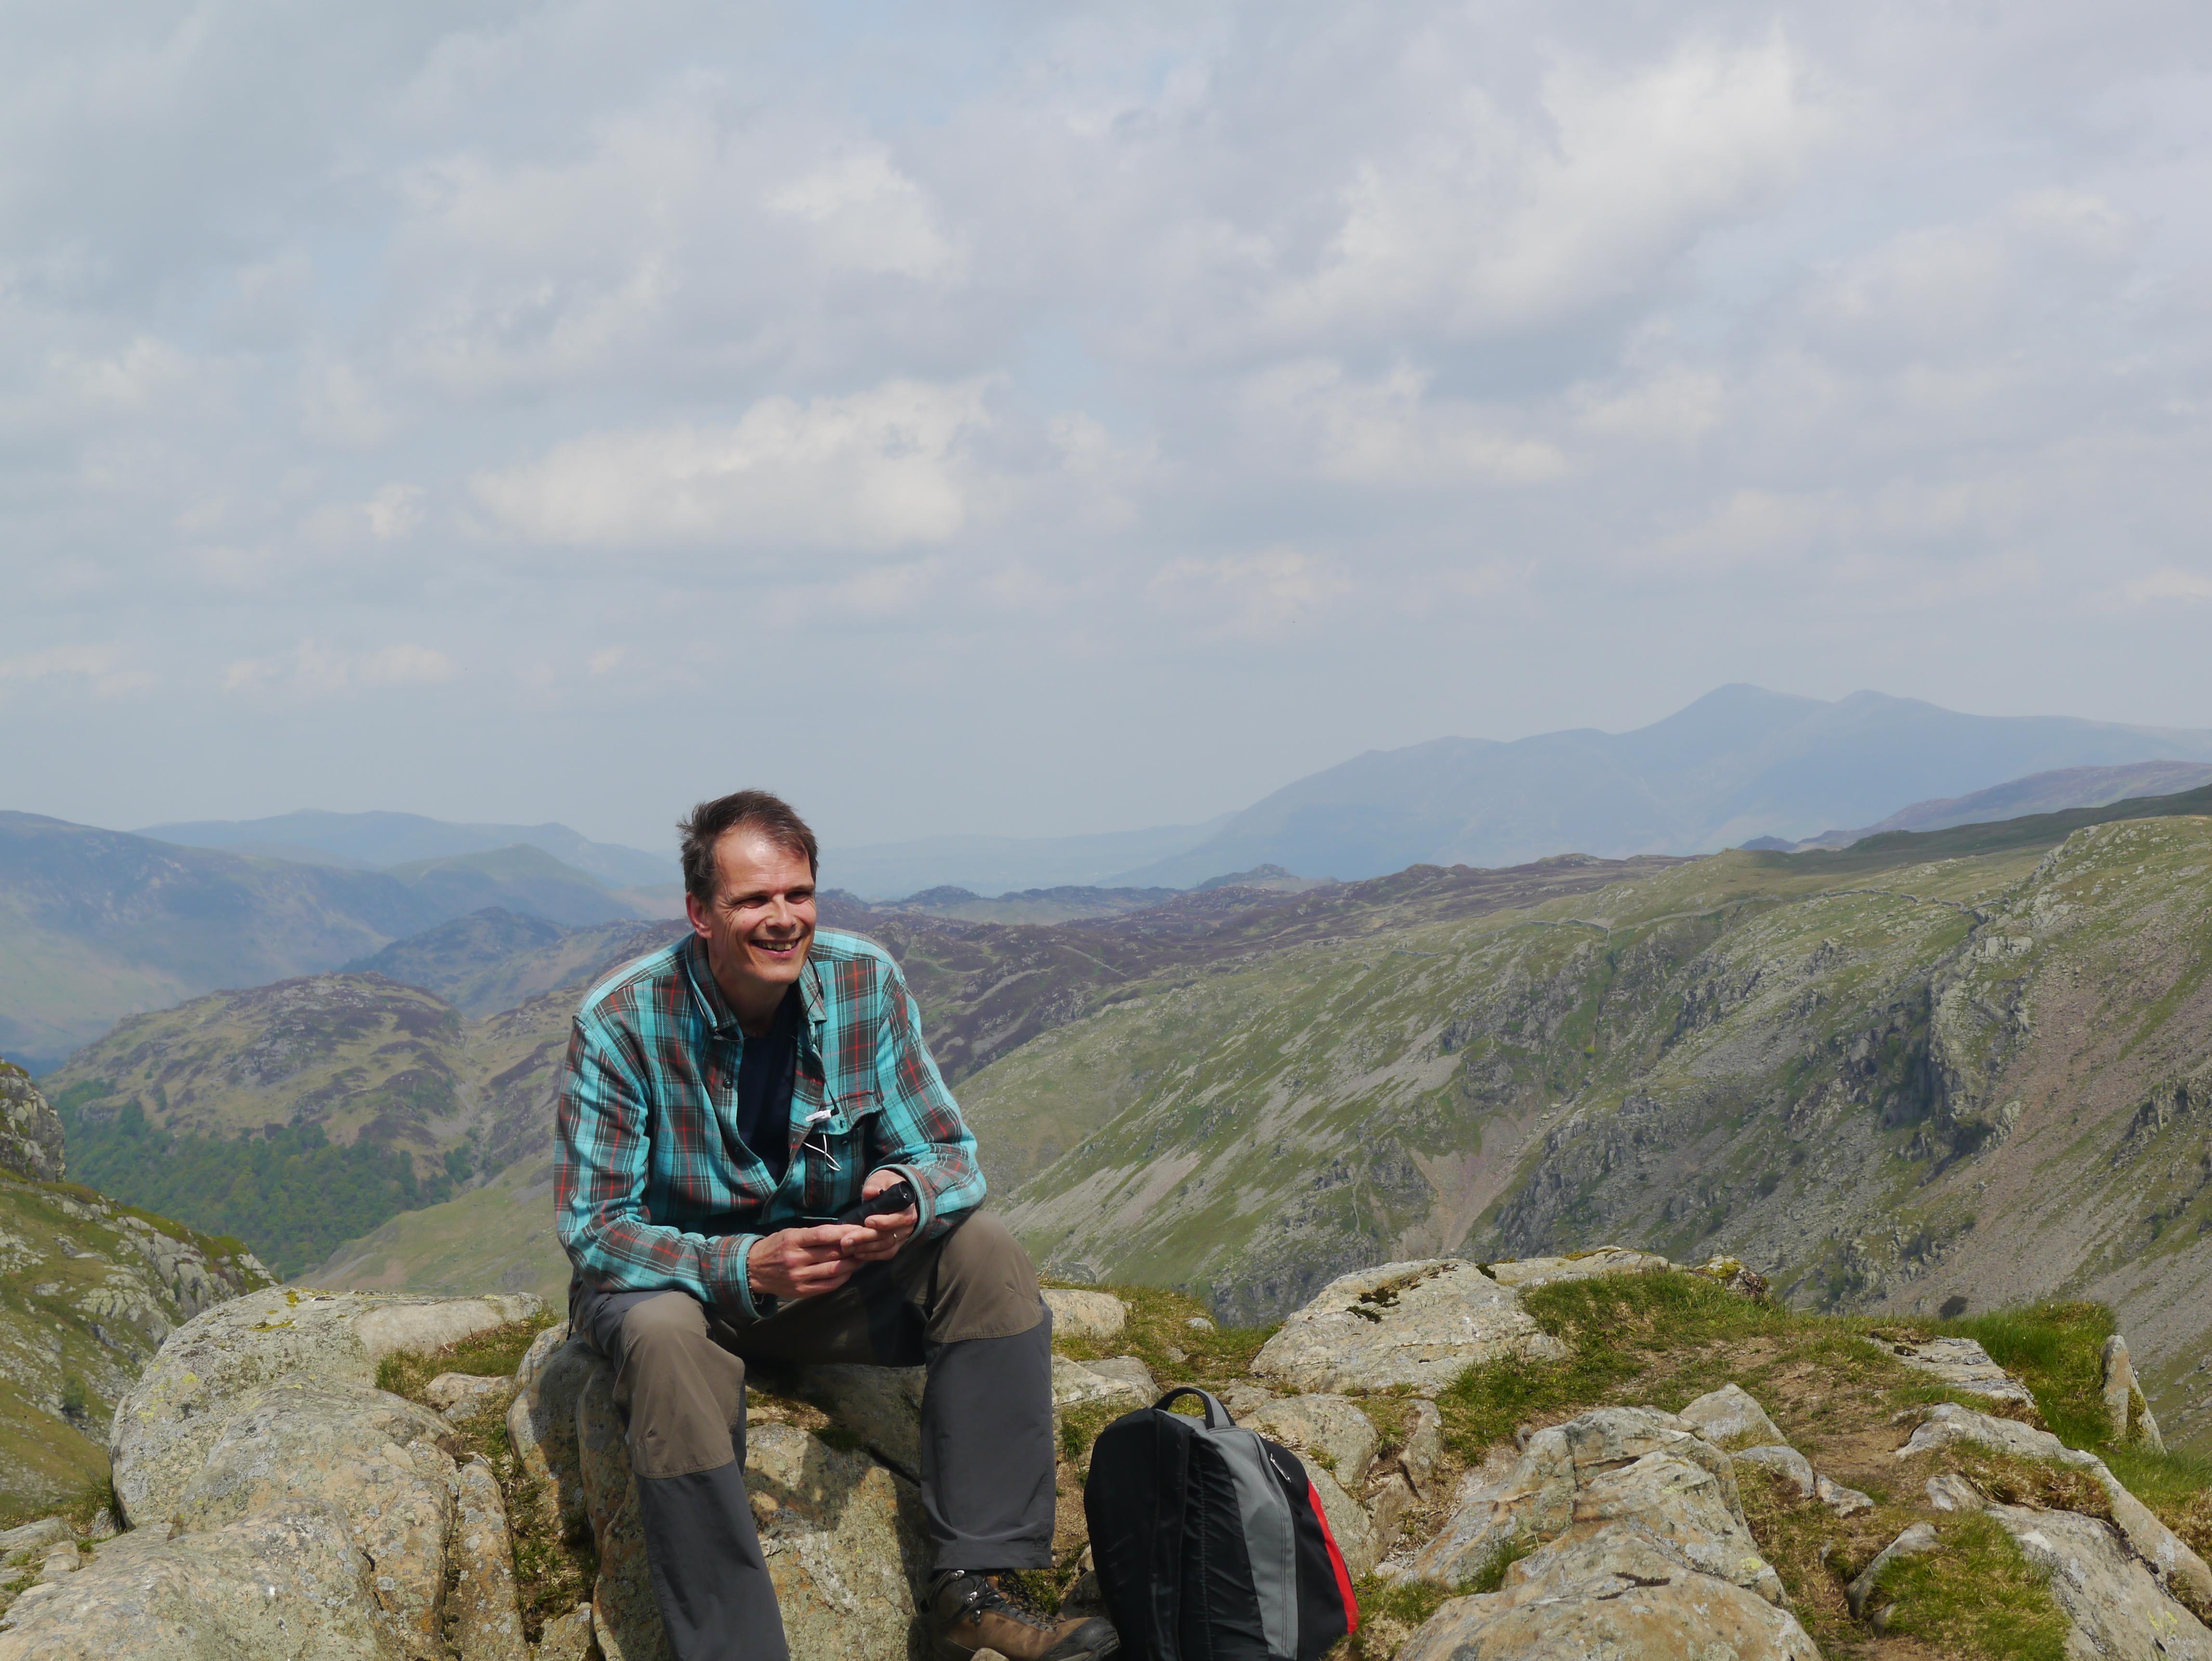 Baz on Greenup Edge, beyond Eagle Crag having a rest